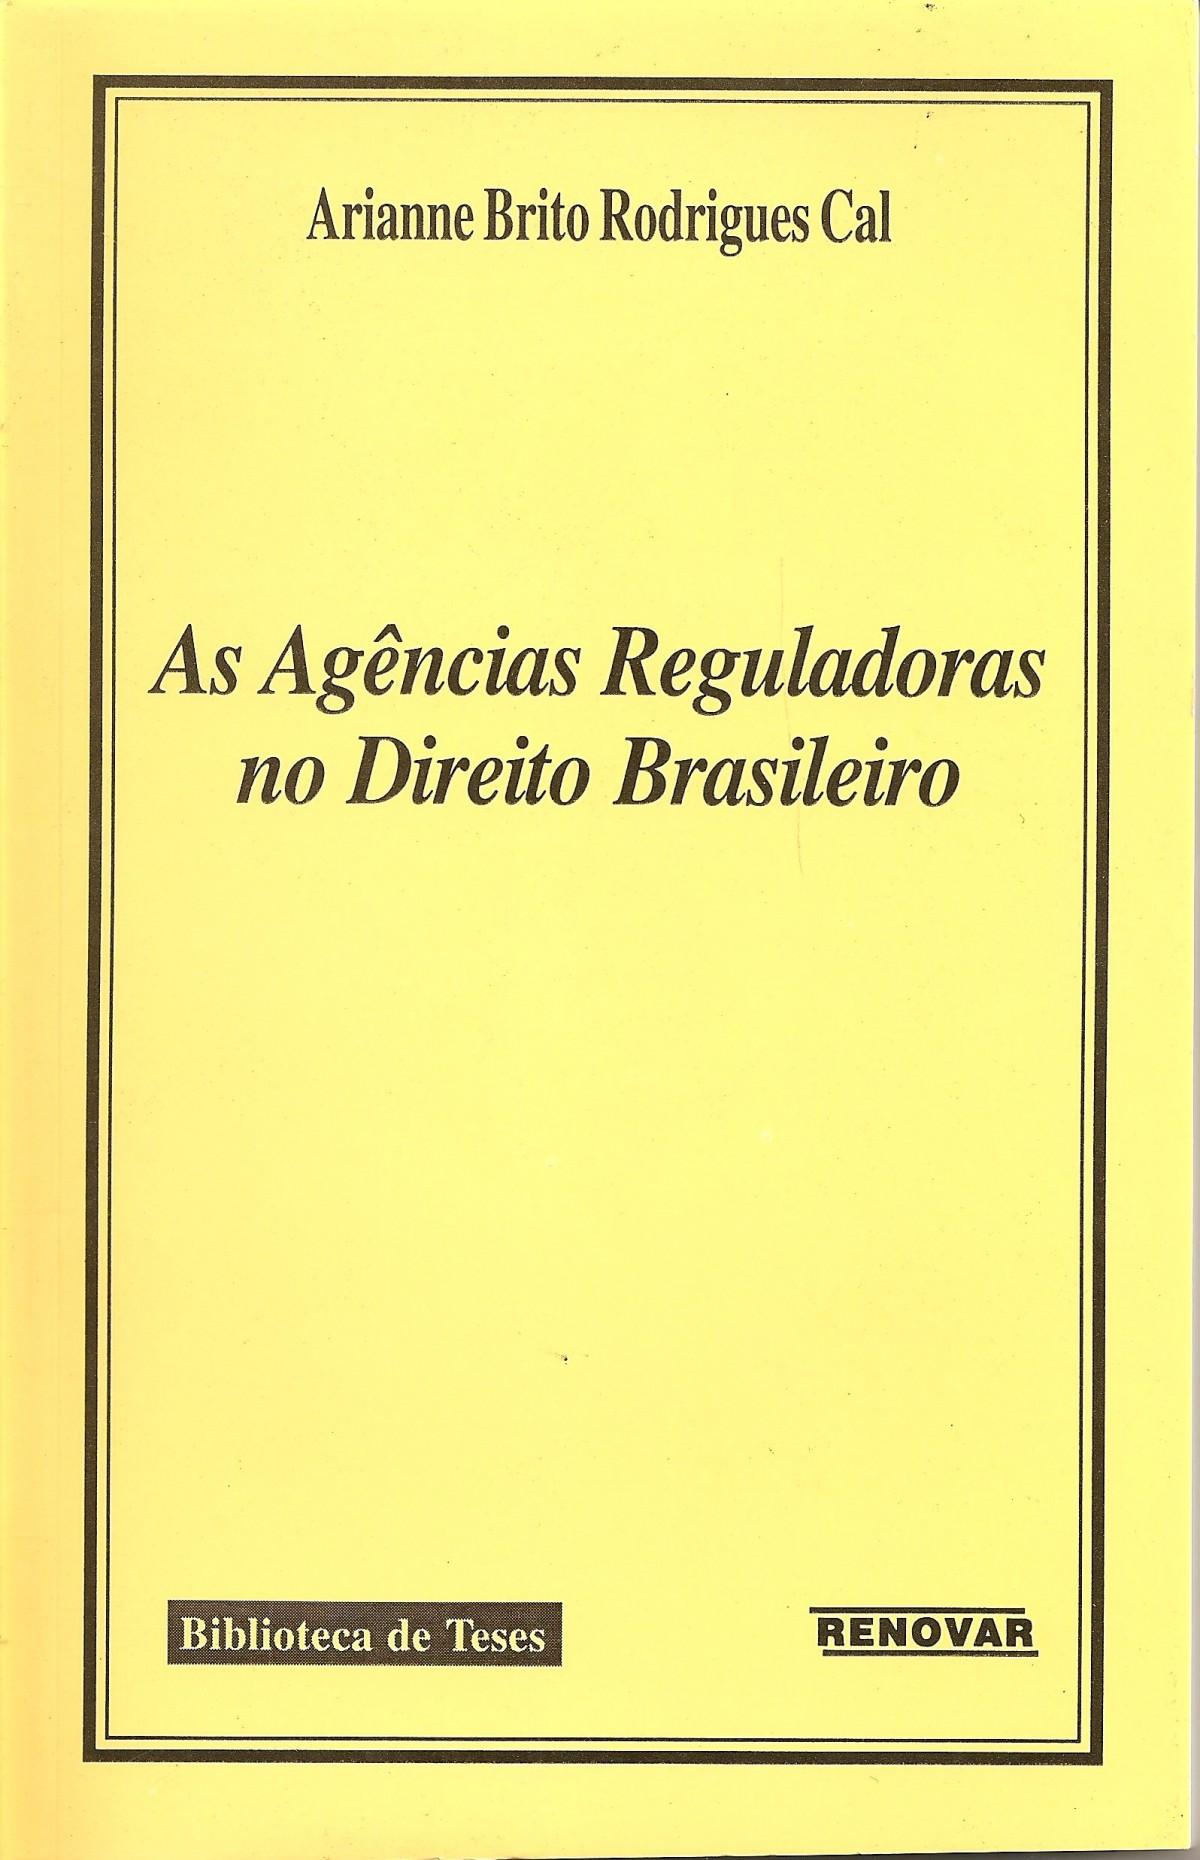 Foto 1 - As Agências Reguladoras No Direito Brasileiro